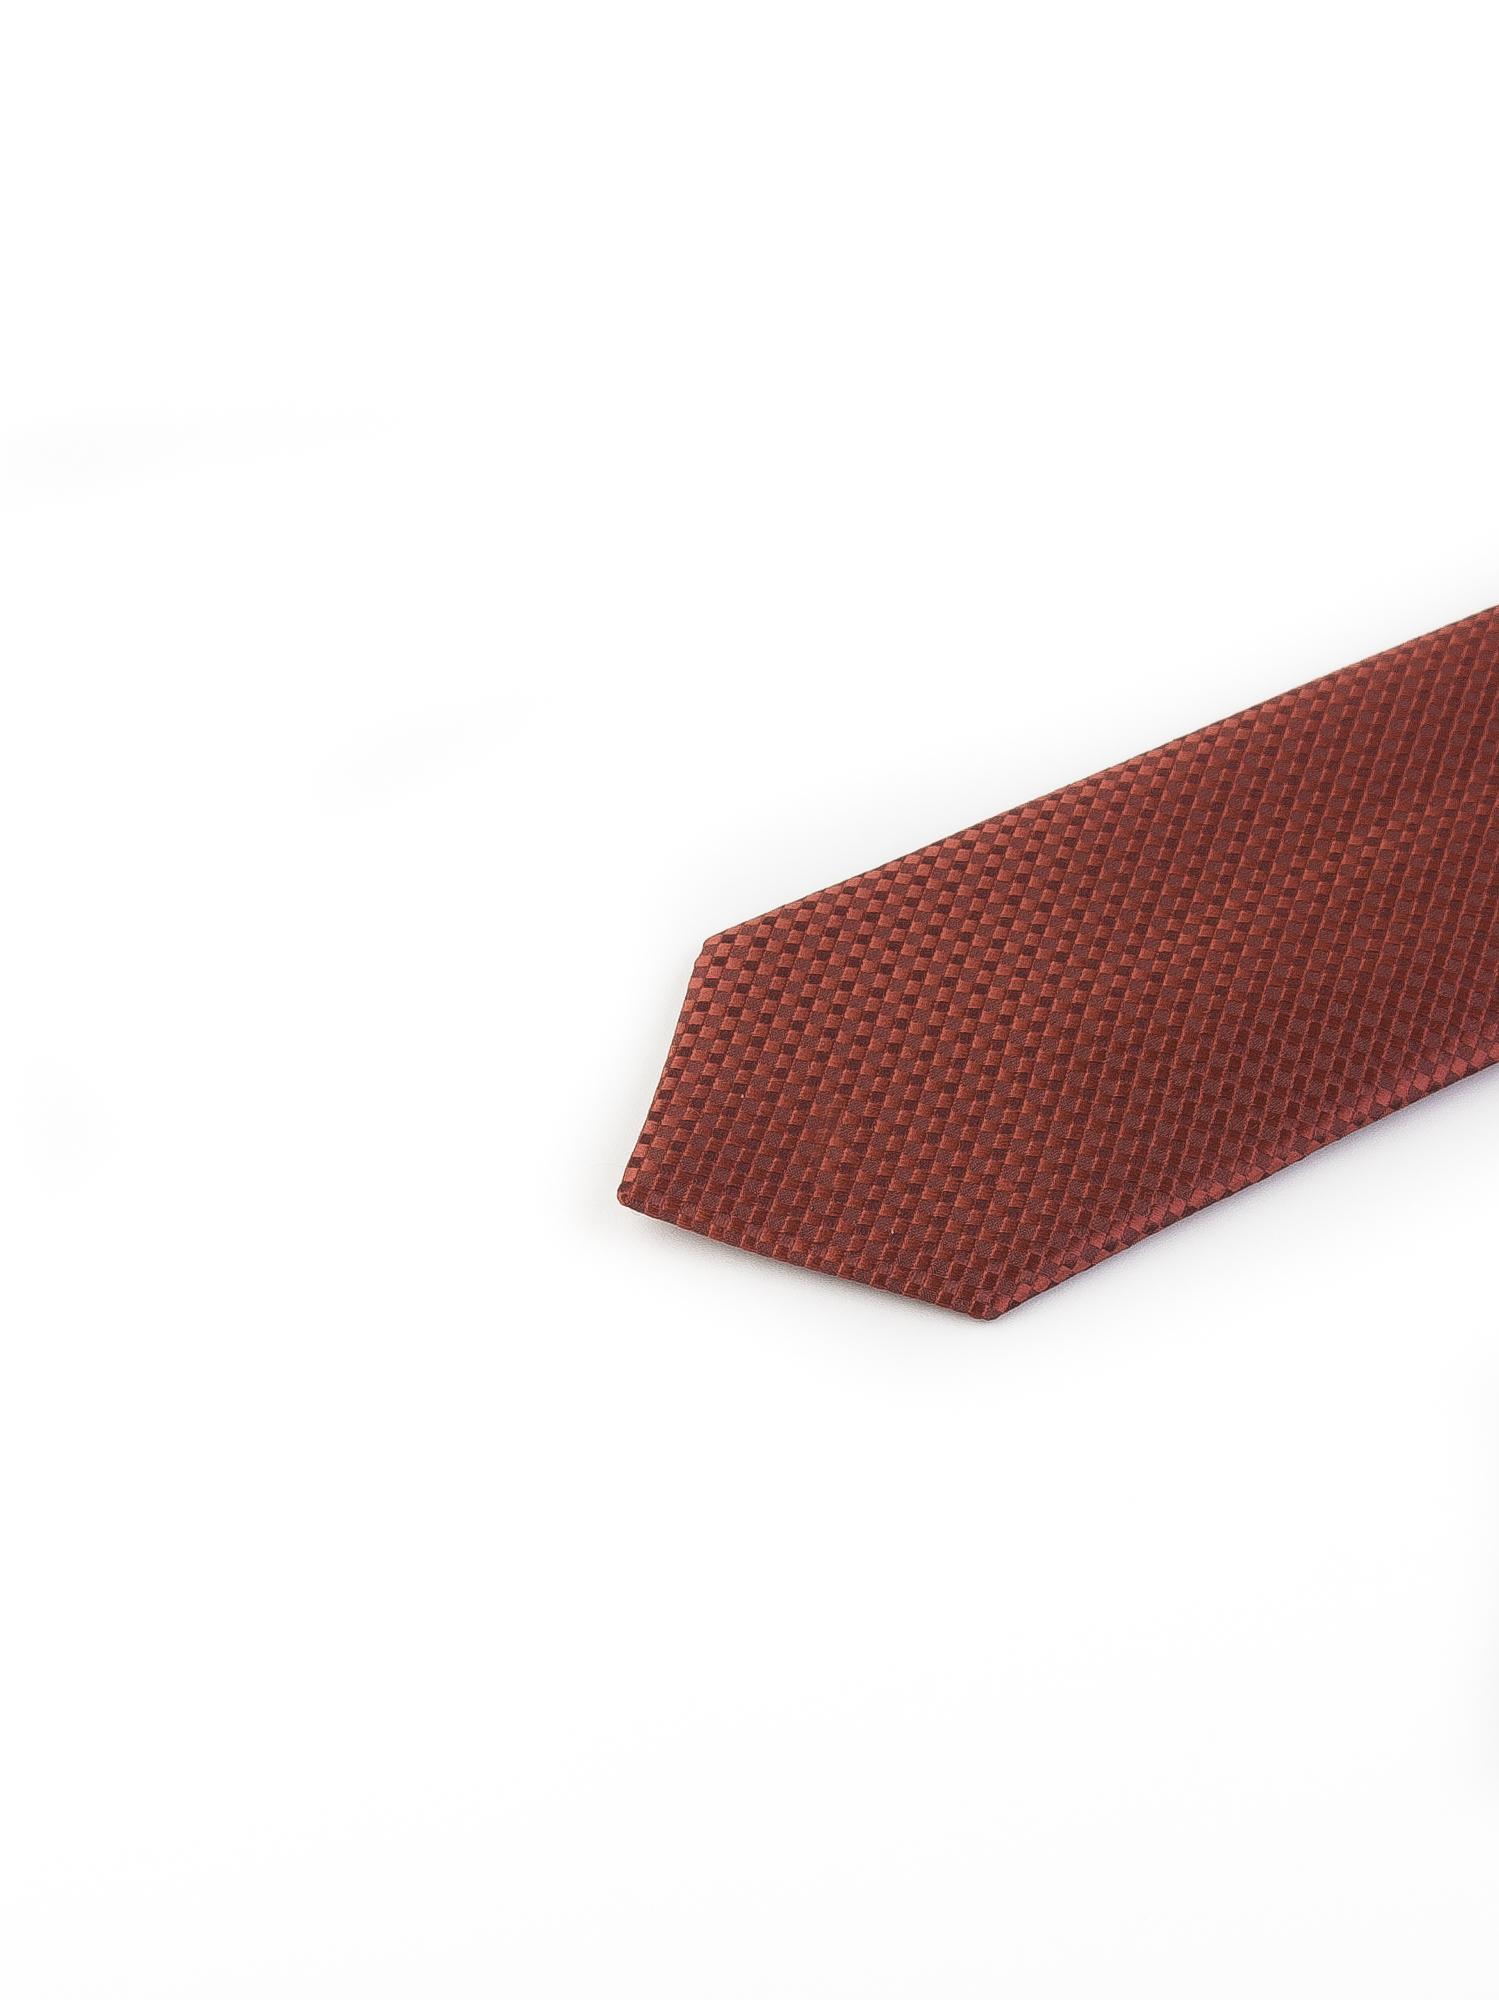 کراوات ابریشمی طرح دار مردانه Rossi-قرمز T1024